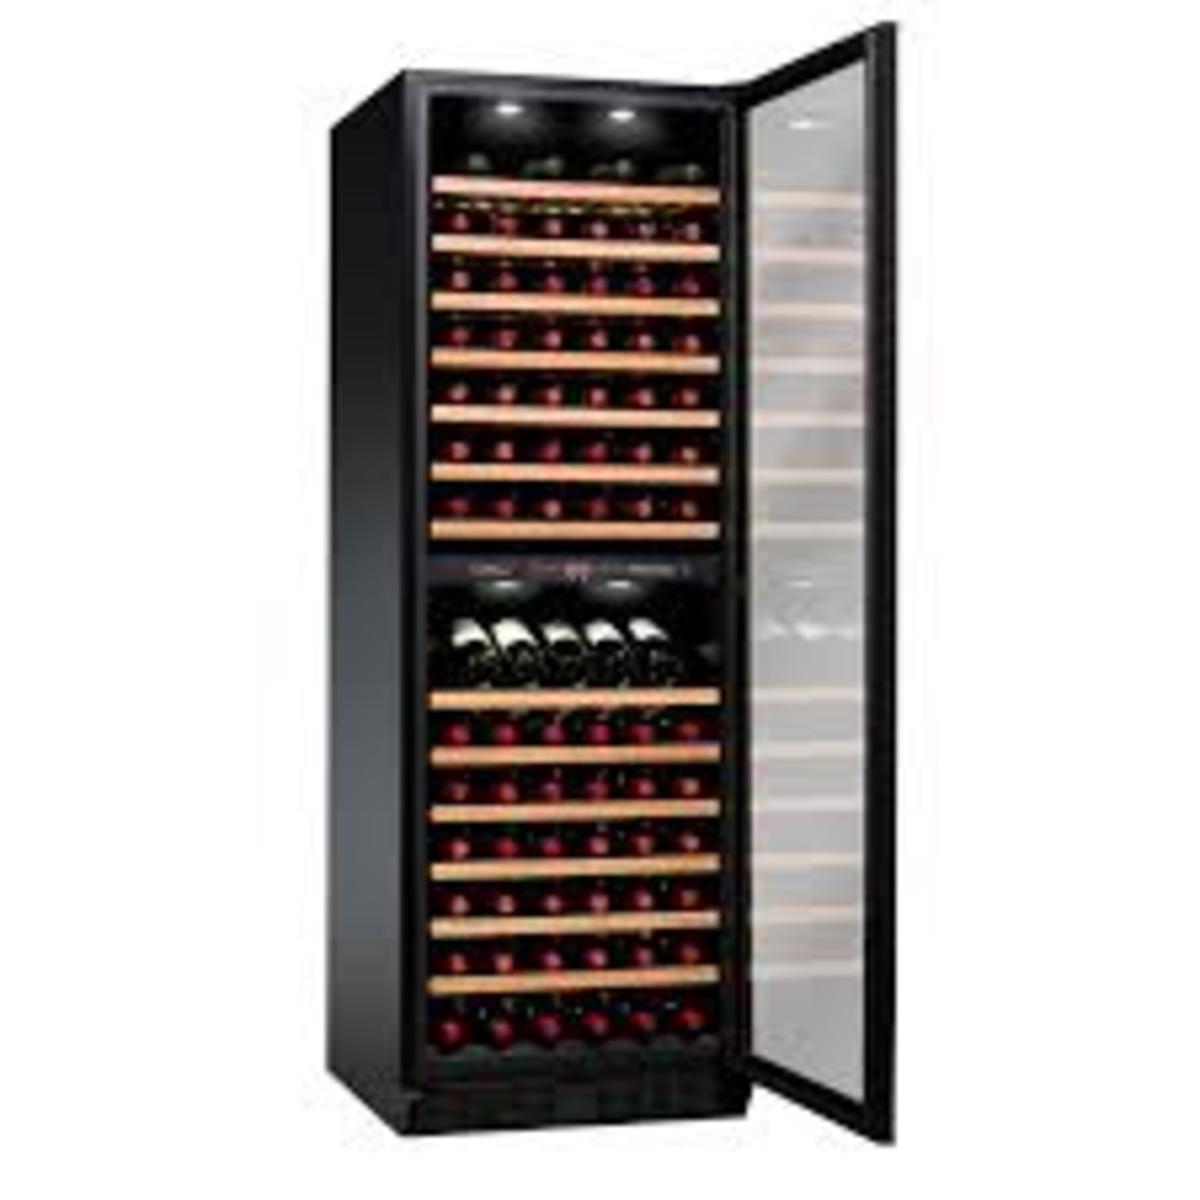 VZ125BDHK Dual Zone Wine Cellar (125Bottles) - 2-year Warranty